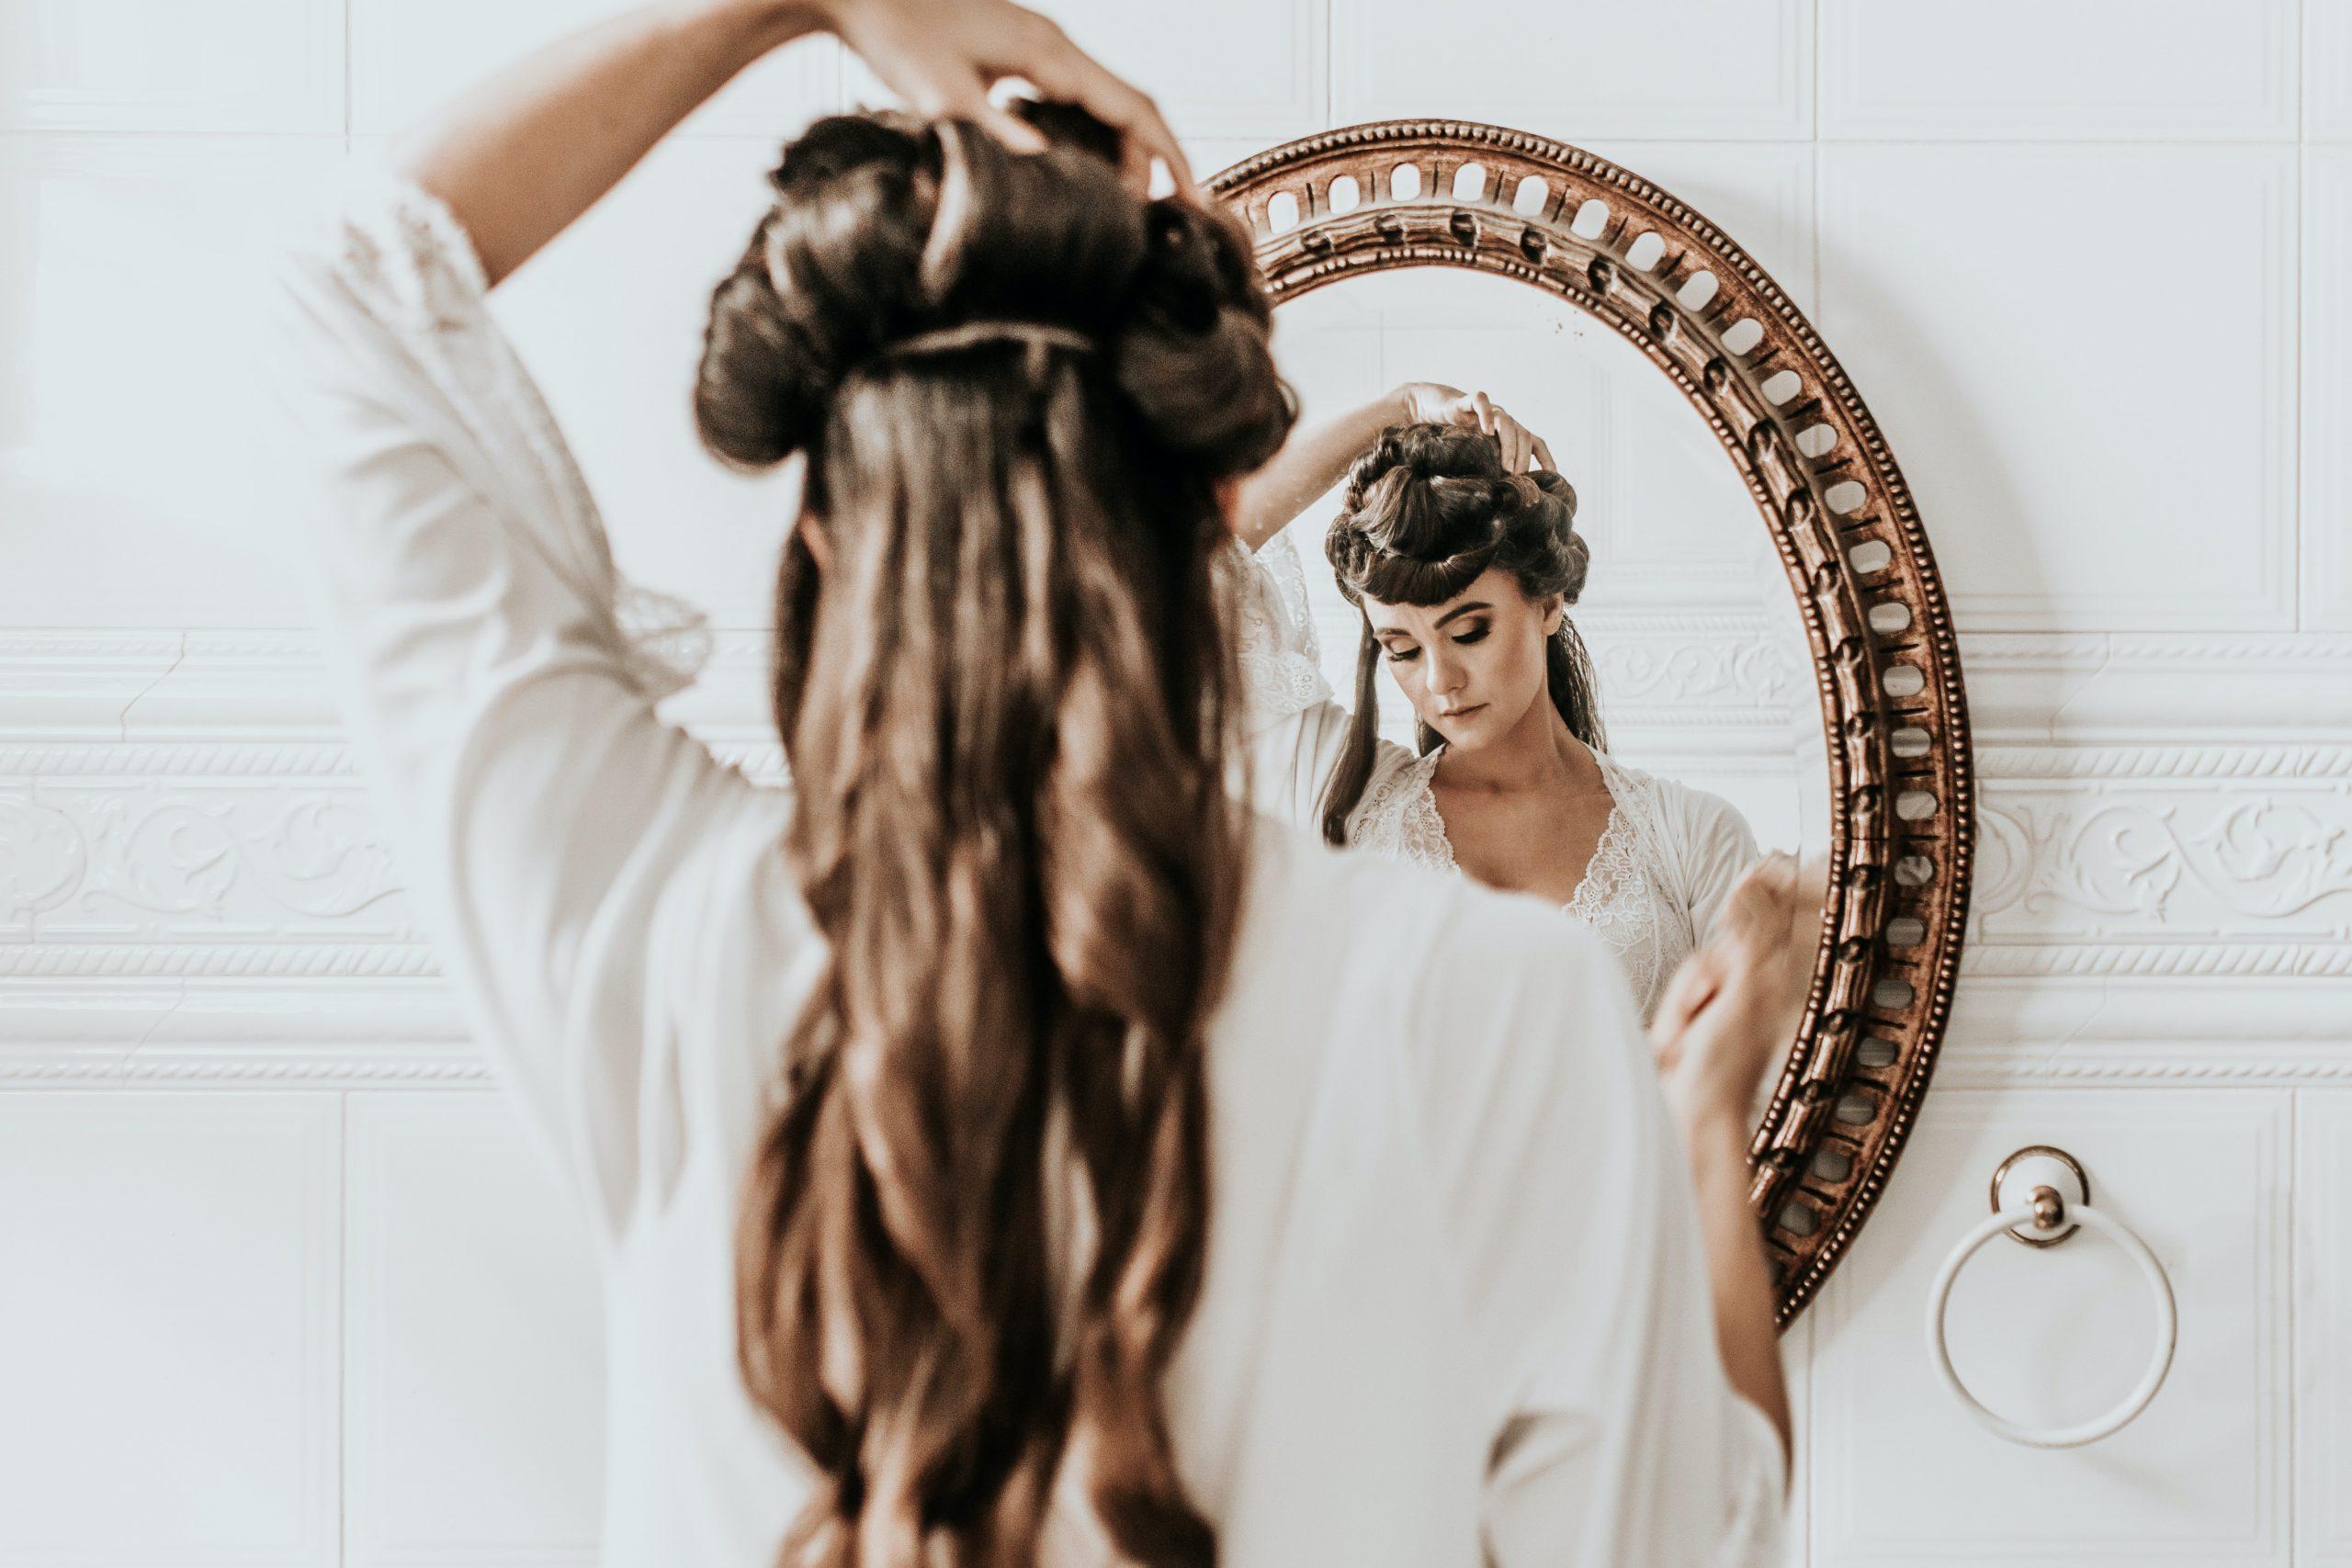 Είναι η νέα τάση να αλλάζεις τα μαλλιά σου στη διάρκεια της καραντίνας;